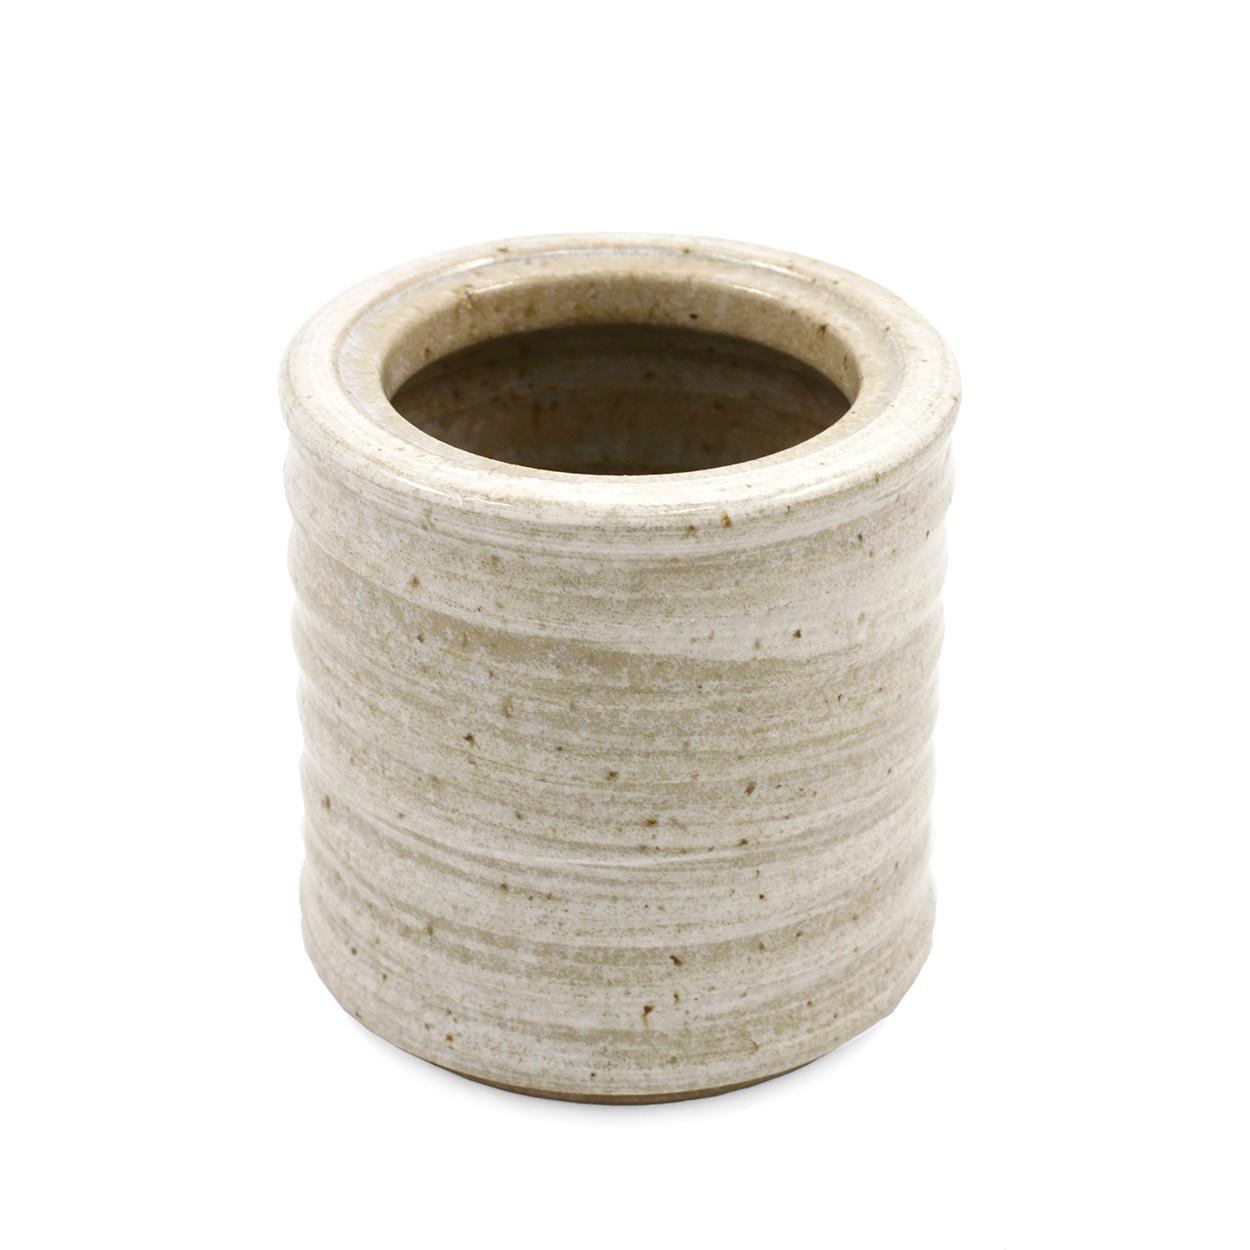 Seiji Brushstroke Ceramic Sake Warmer